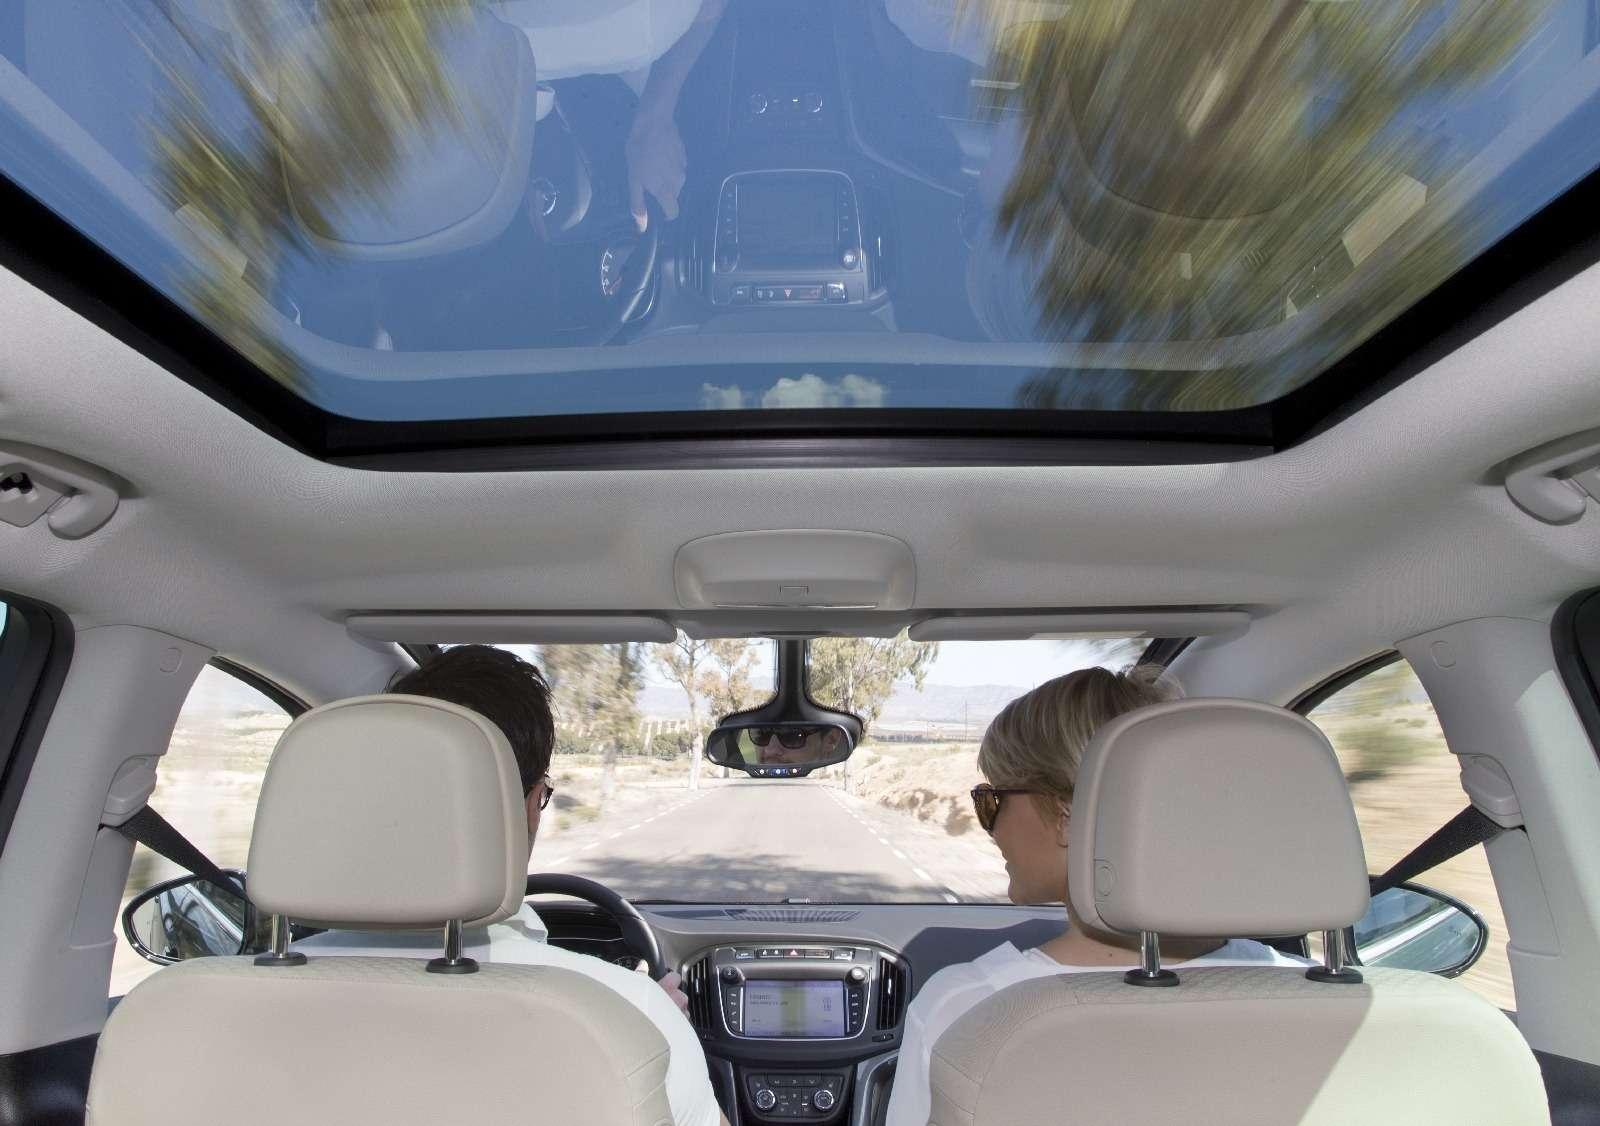 Обновленный компактвэн Opel Zafira представлен официально— фото 593688